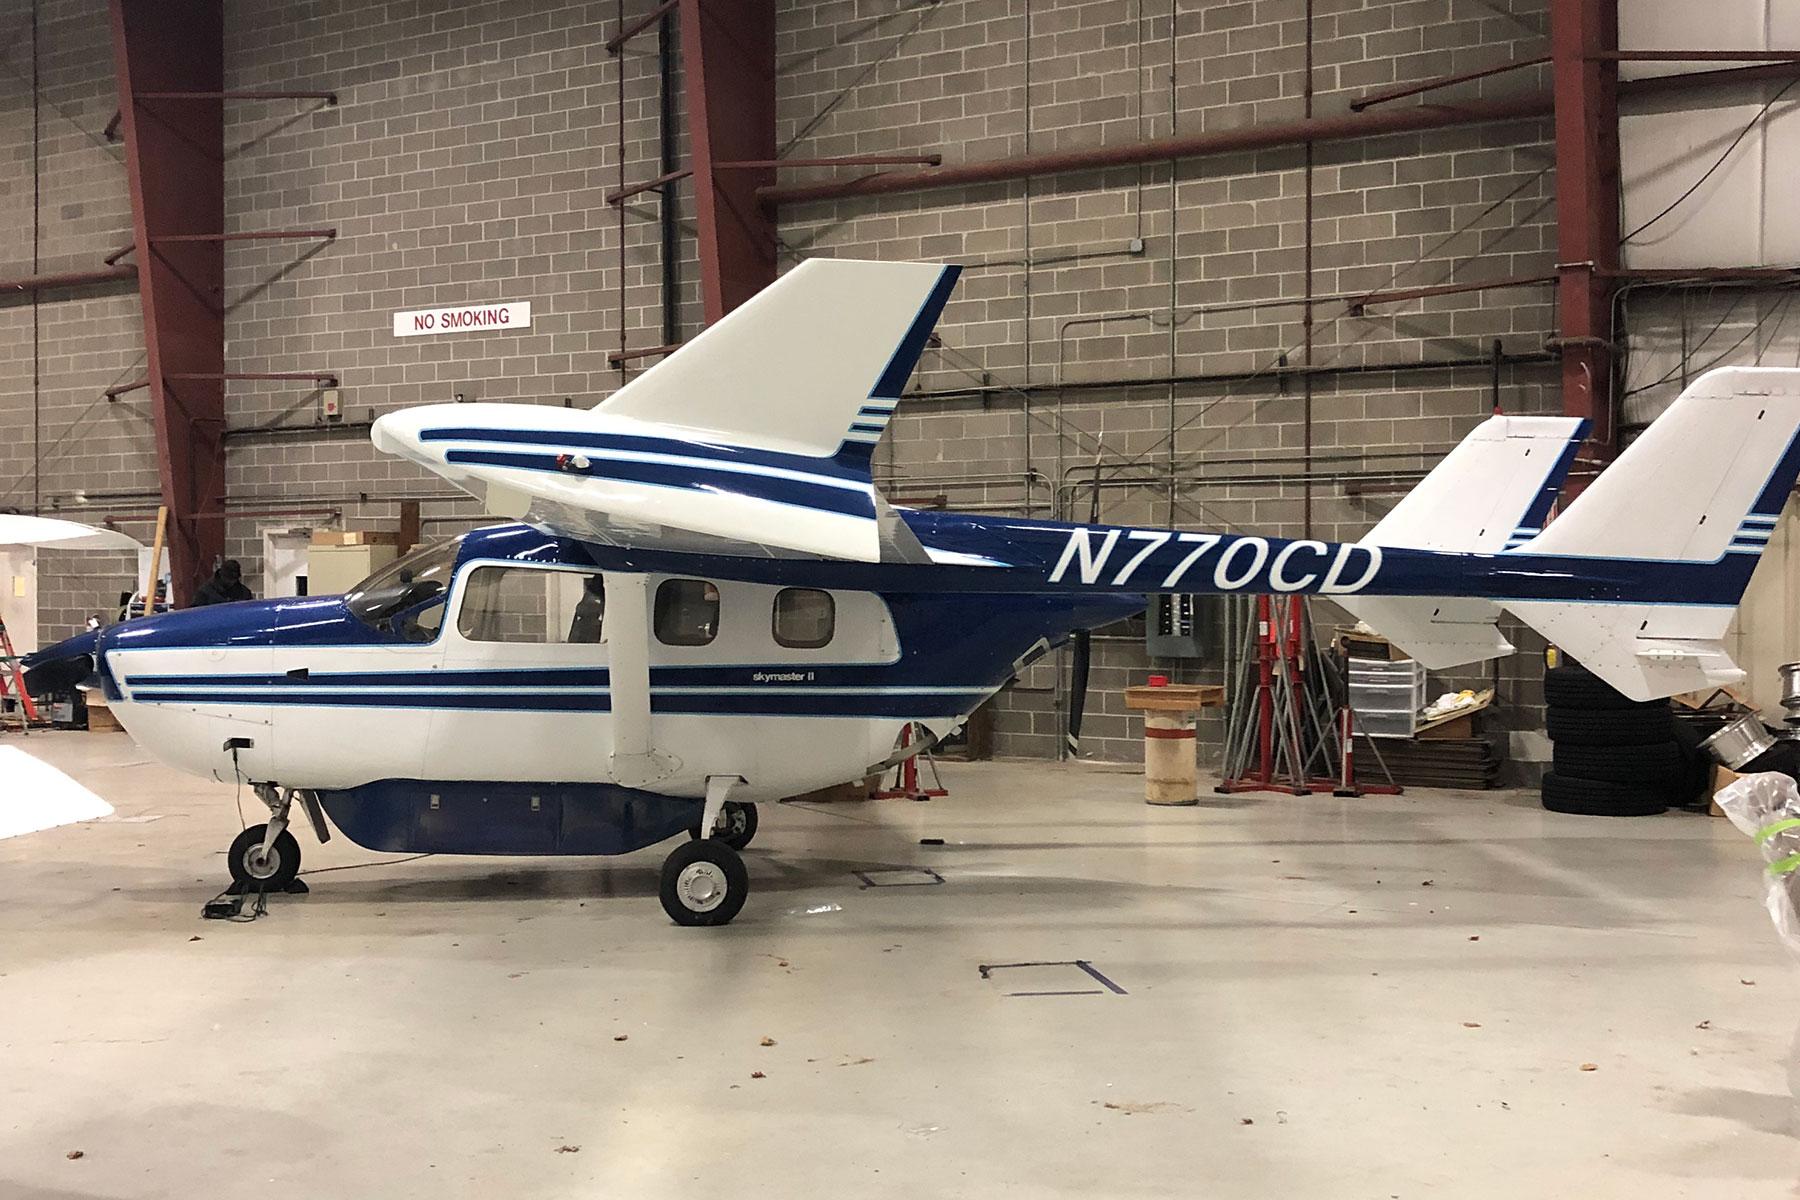 1977-Cessna-337-N770CD